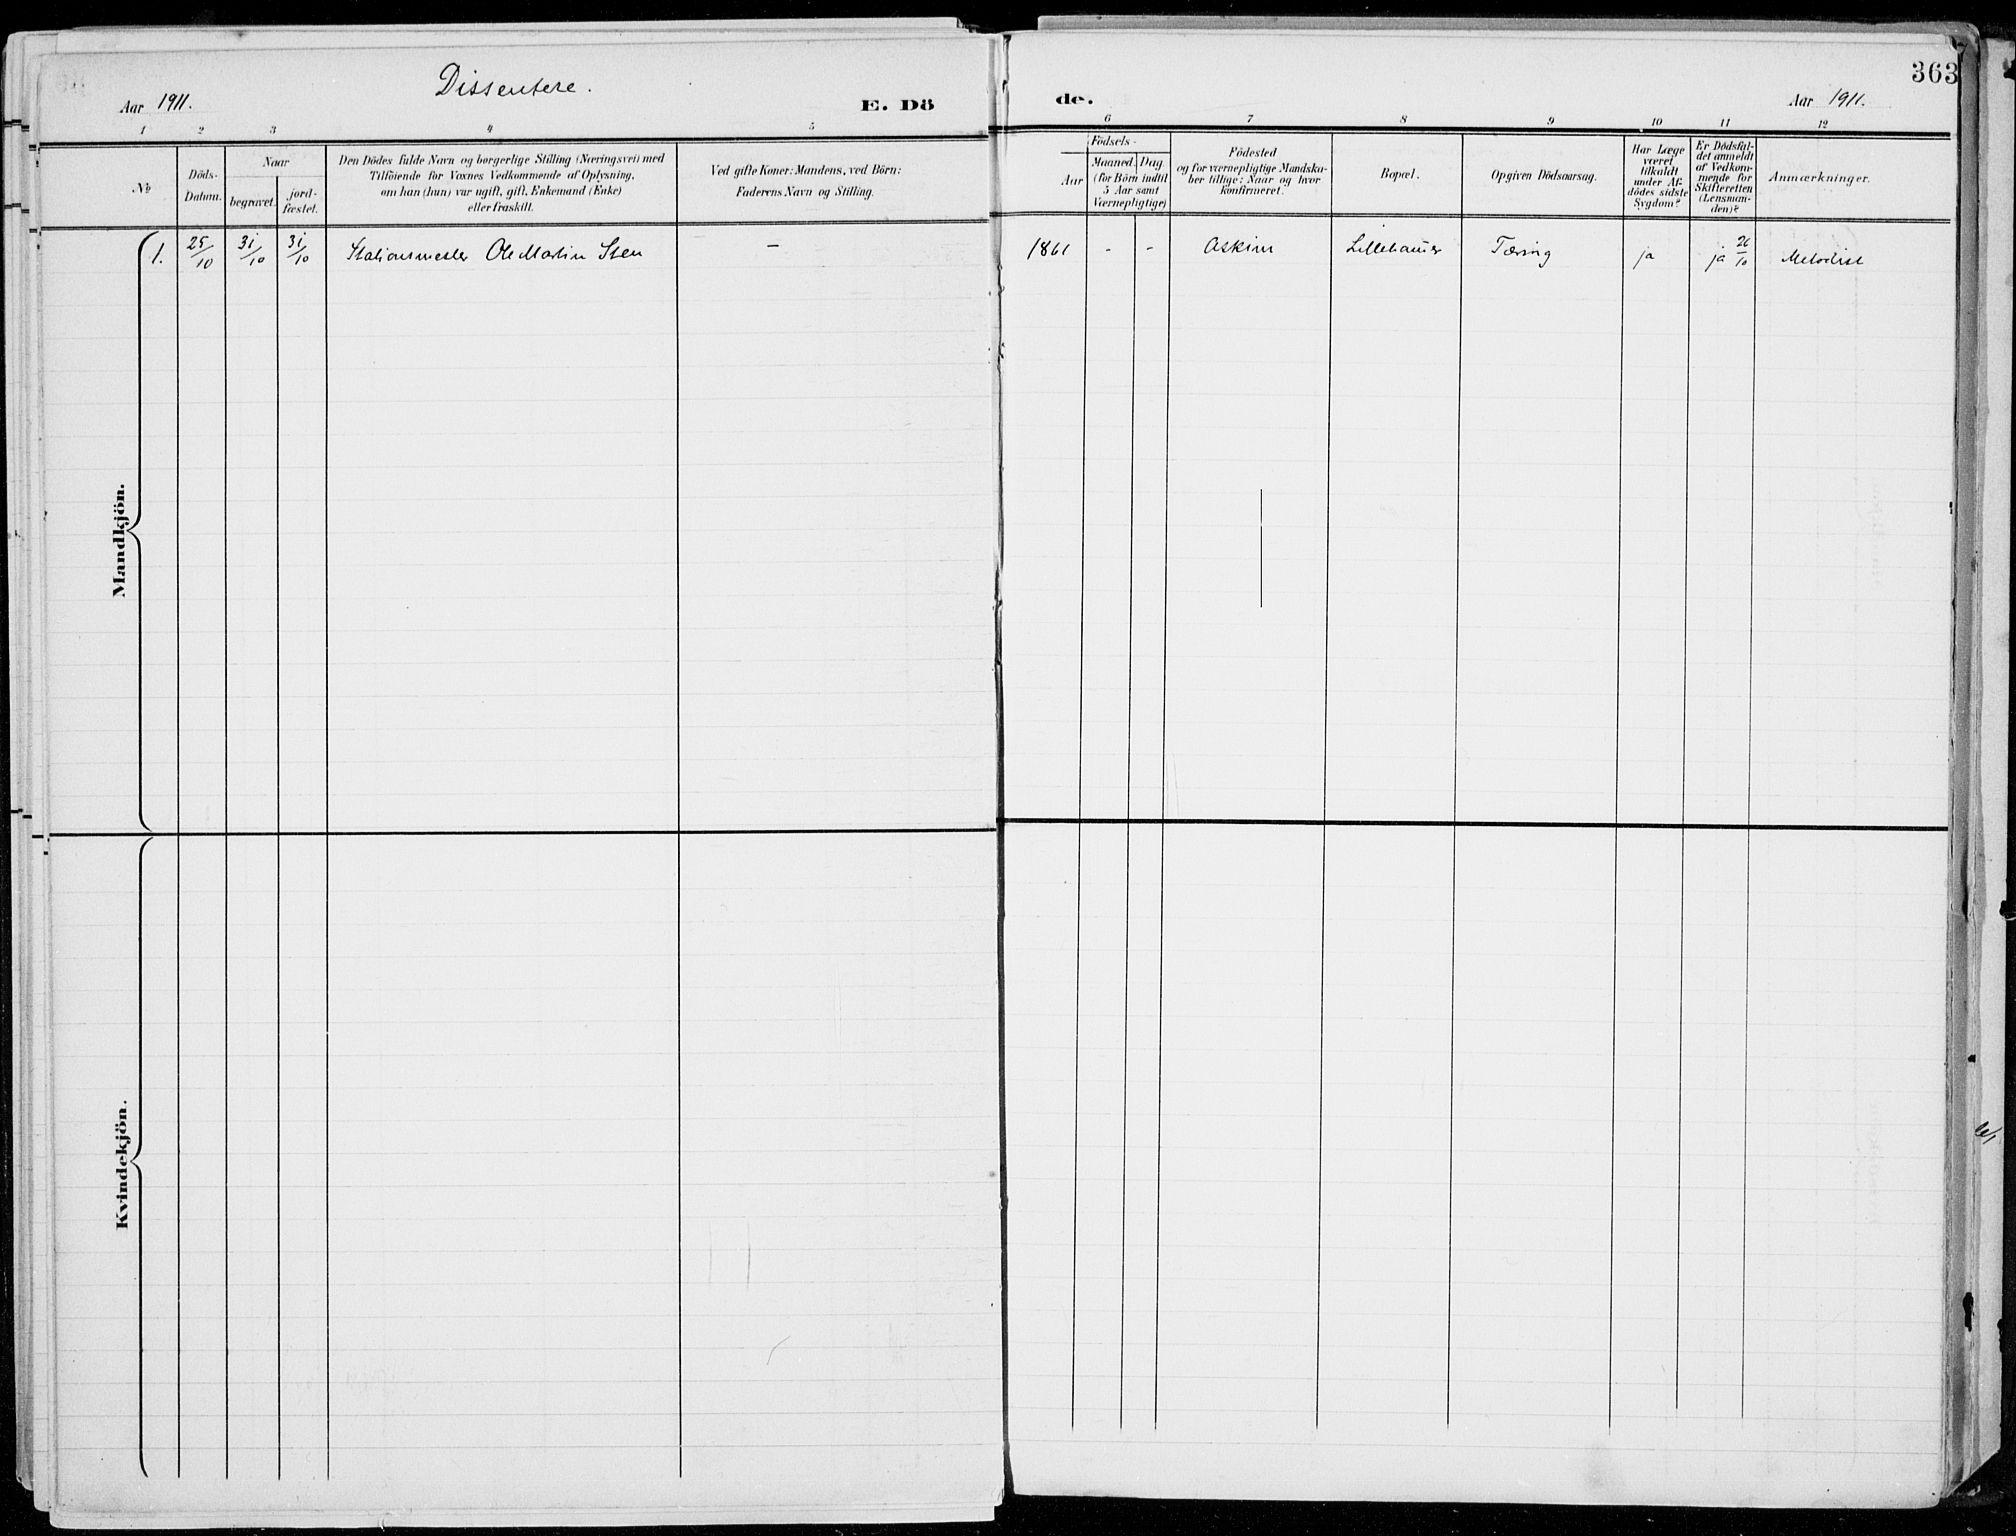 SAH, Lillehammer prestekontor, H/Ha/Haa/L0001: Parish register (official) no. 1, 1901-1916, p. 363